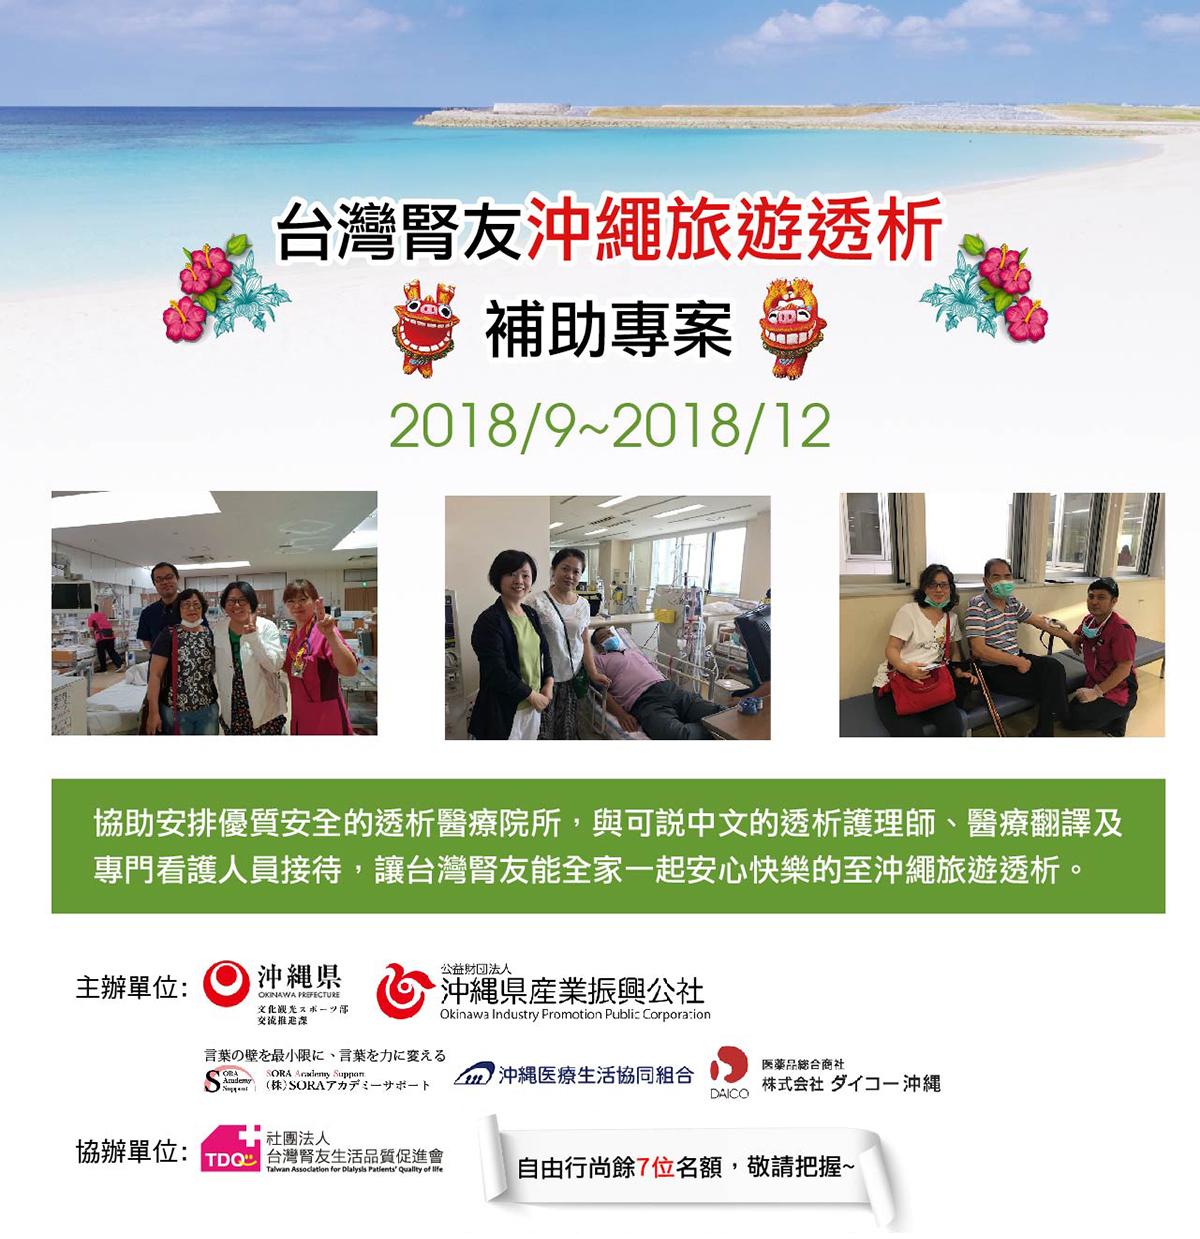 2018台灣腎友沖繩旅遊透析補助專案